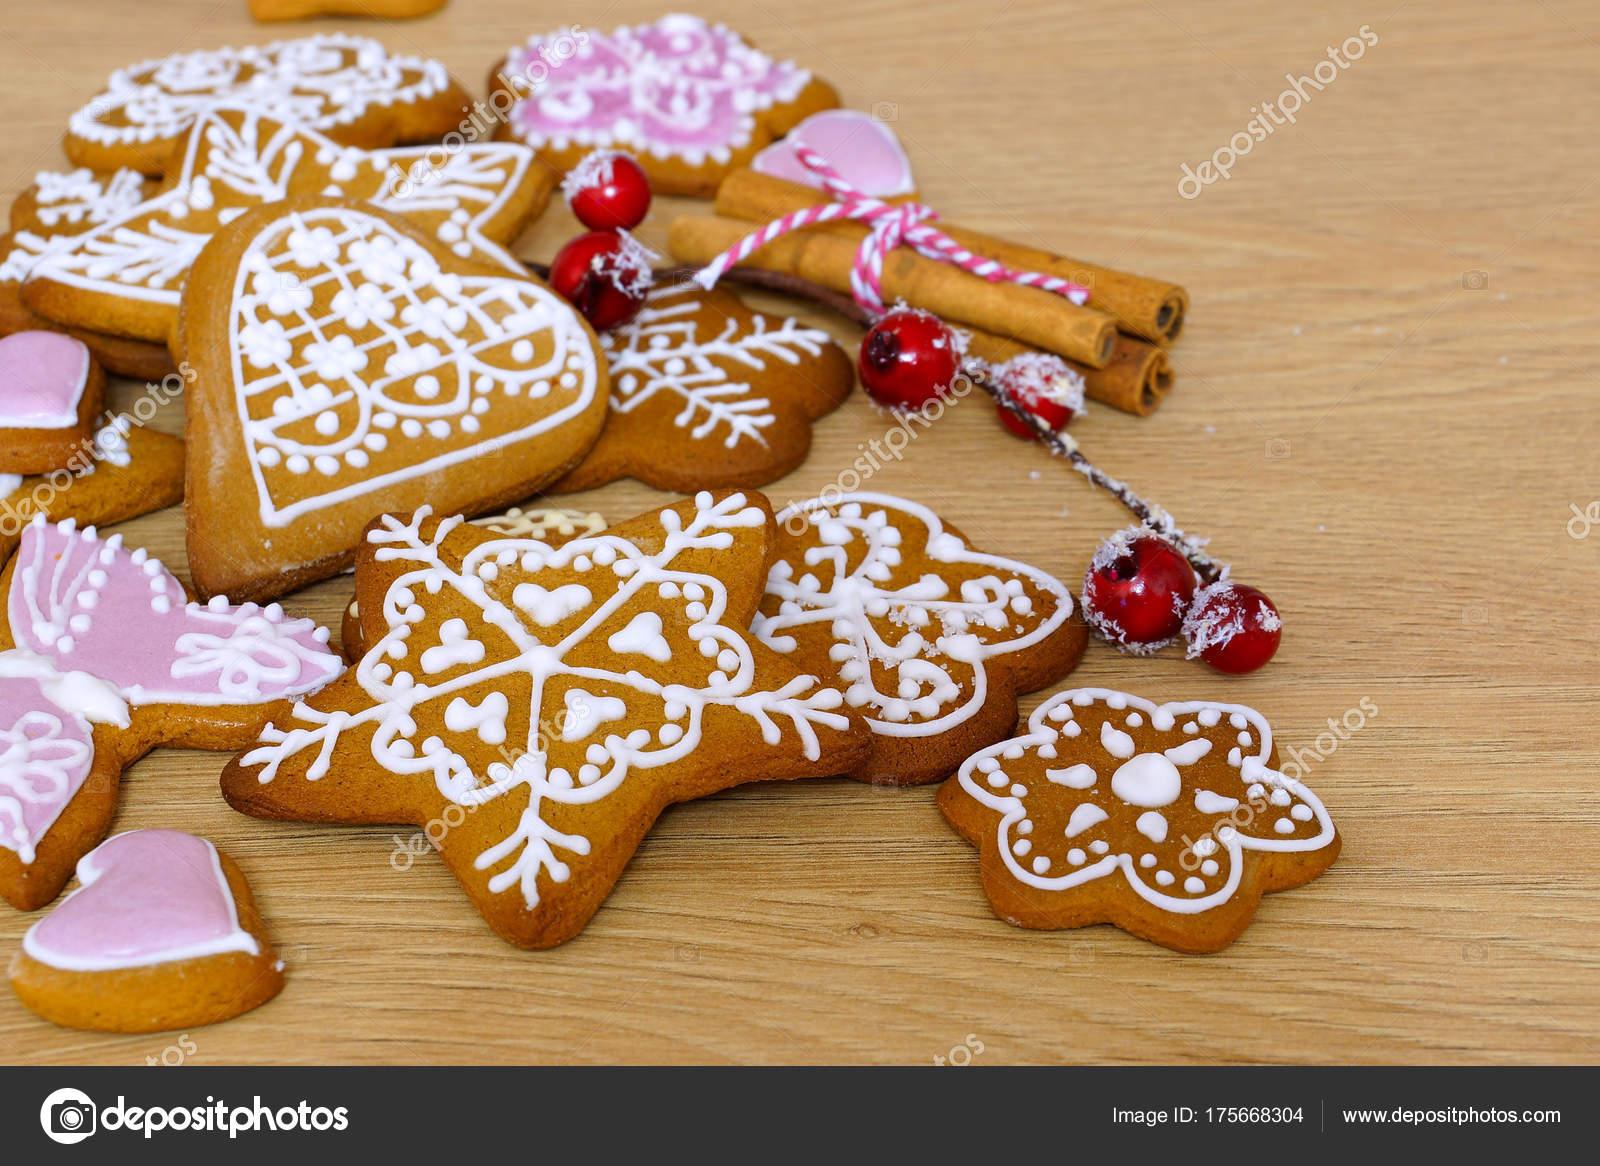 Dolci Di Natale Fatti In Casa.Pan Zenzero Biscotti Fatti Casa Tavolo Legno Dolci Natale